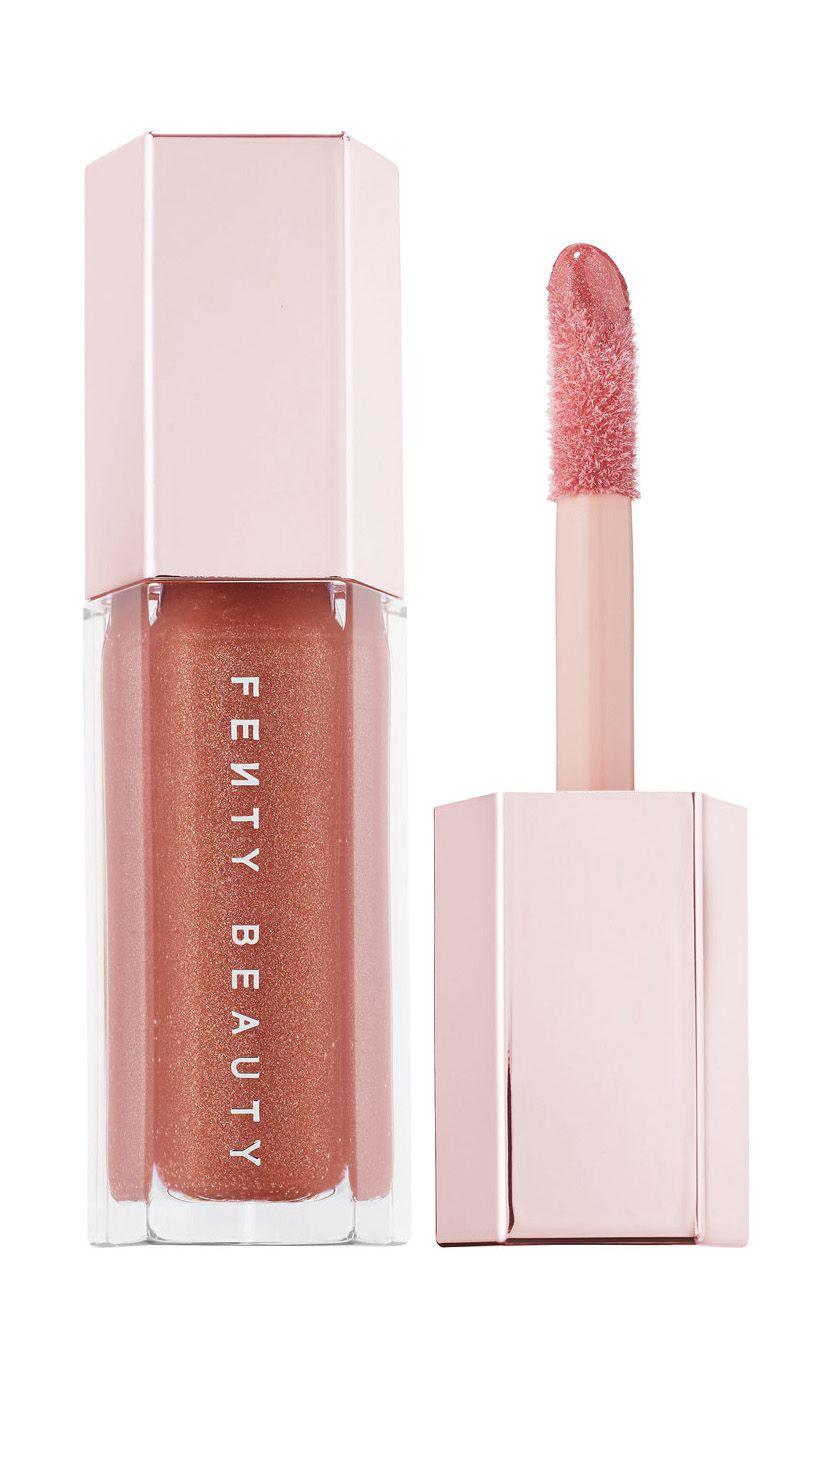 Fenty Beauty by Rihanna Gloss Bomb Universal Lip Luminizer, $18